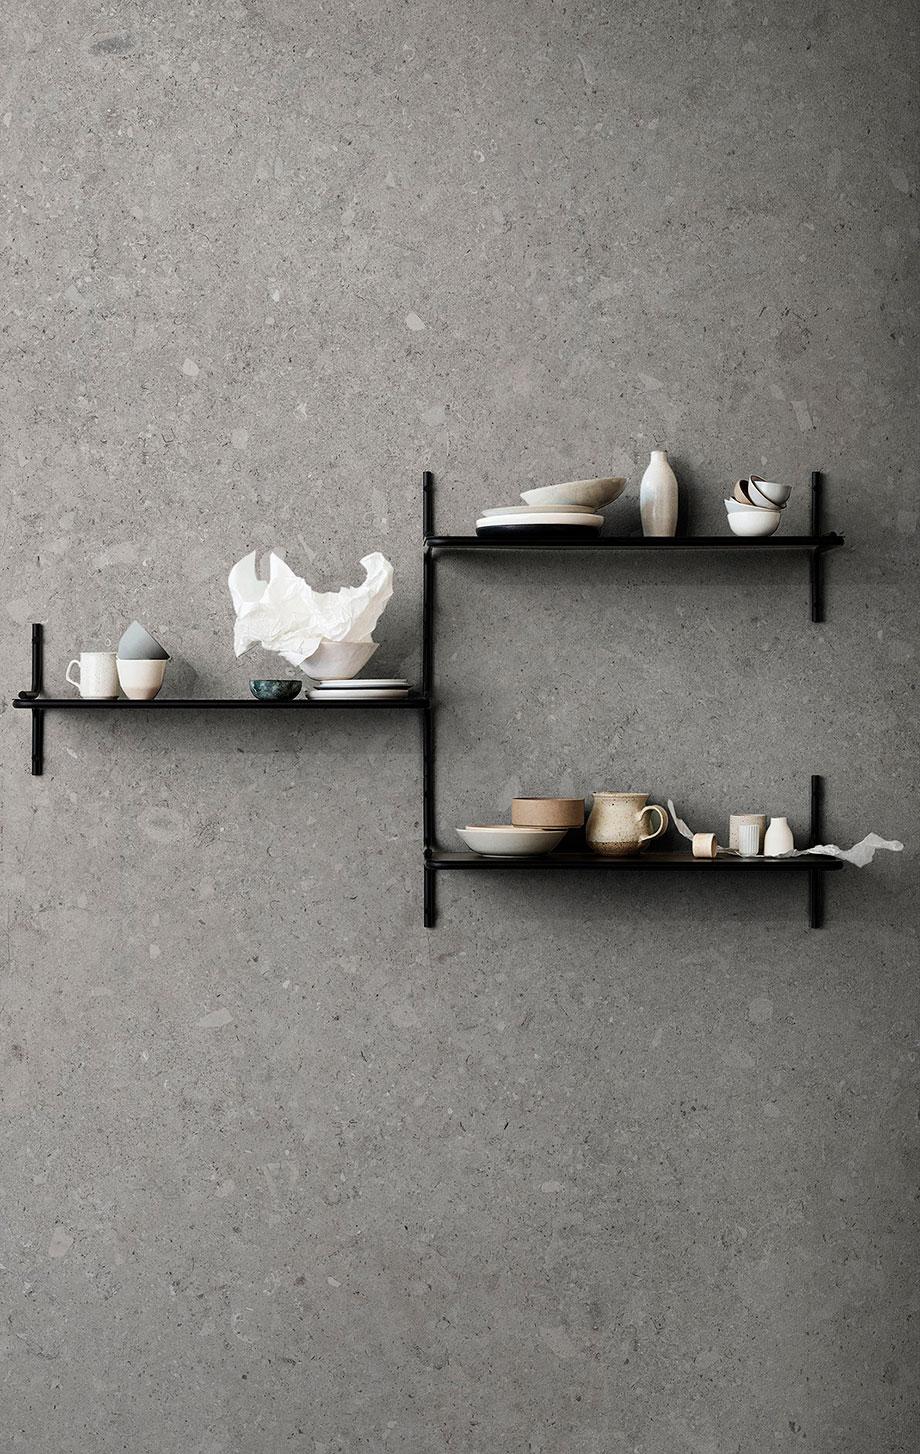 coleccion de gres porcelanico vicentina de terratinta ceramiche (3)